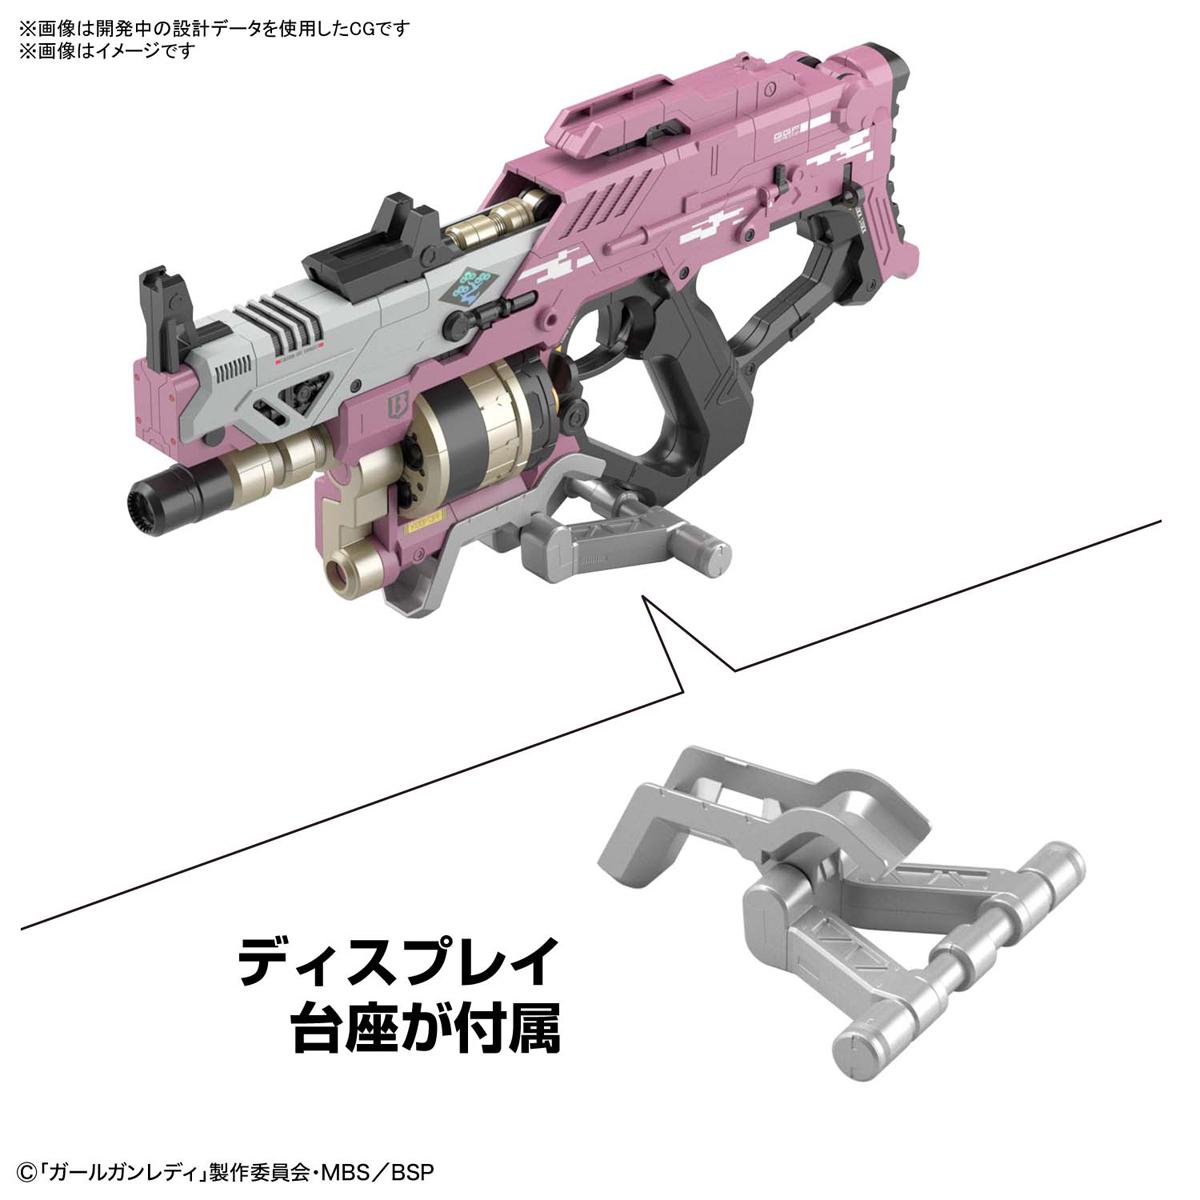 ガールガンレディ『ブラストガールガン Ver.アルファタンゴ』GGL 1/1 プラモデル-012